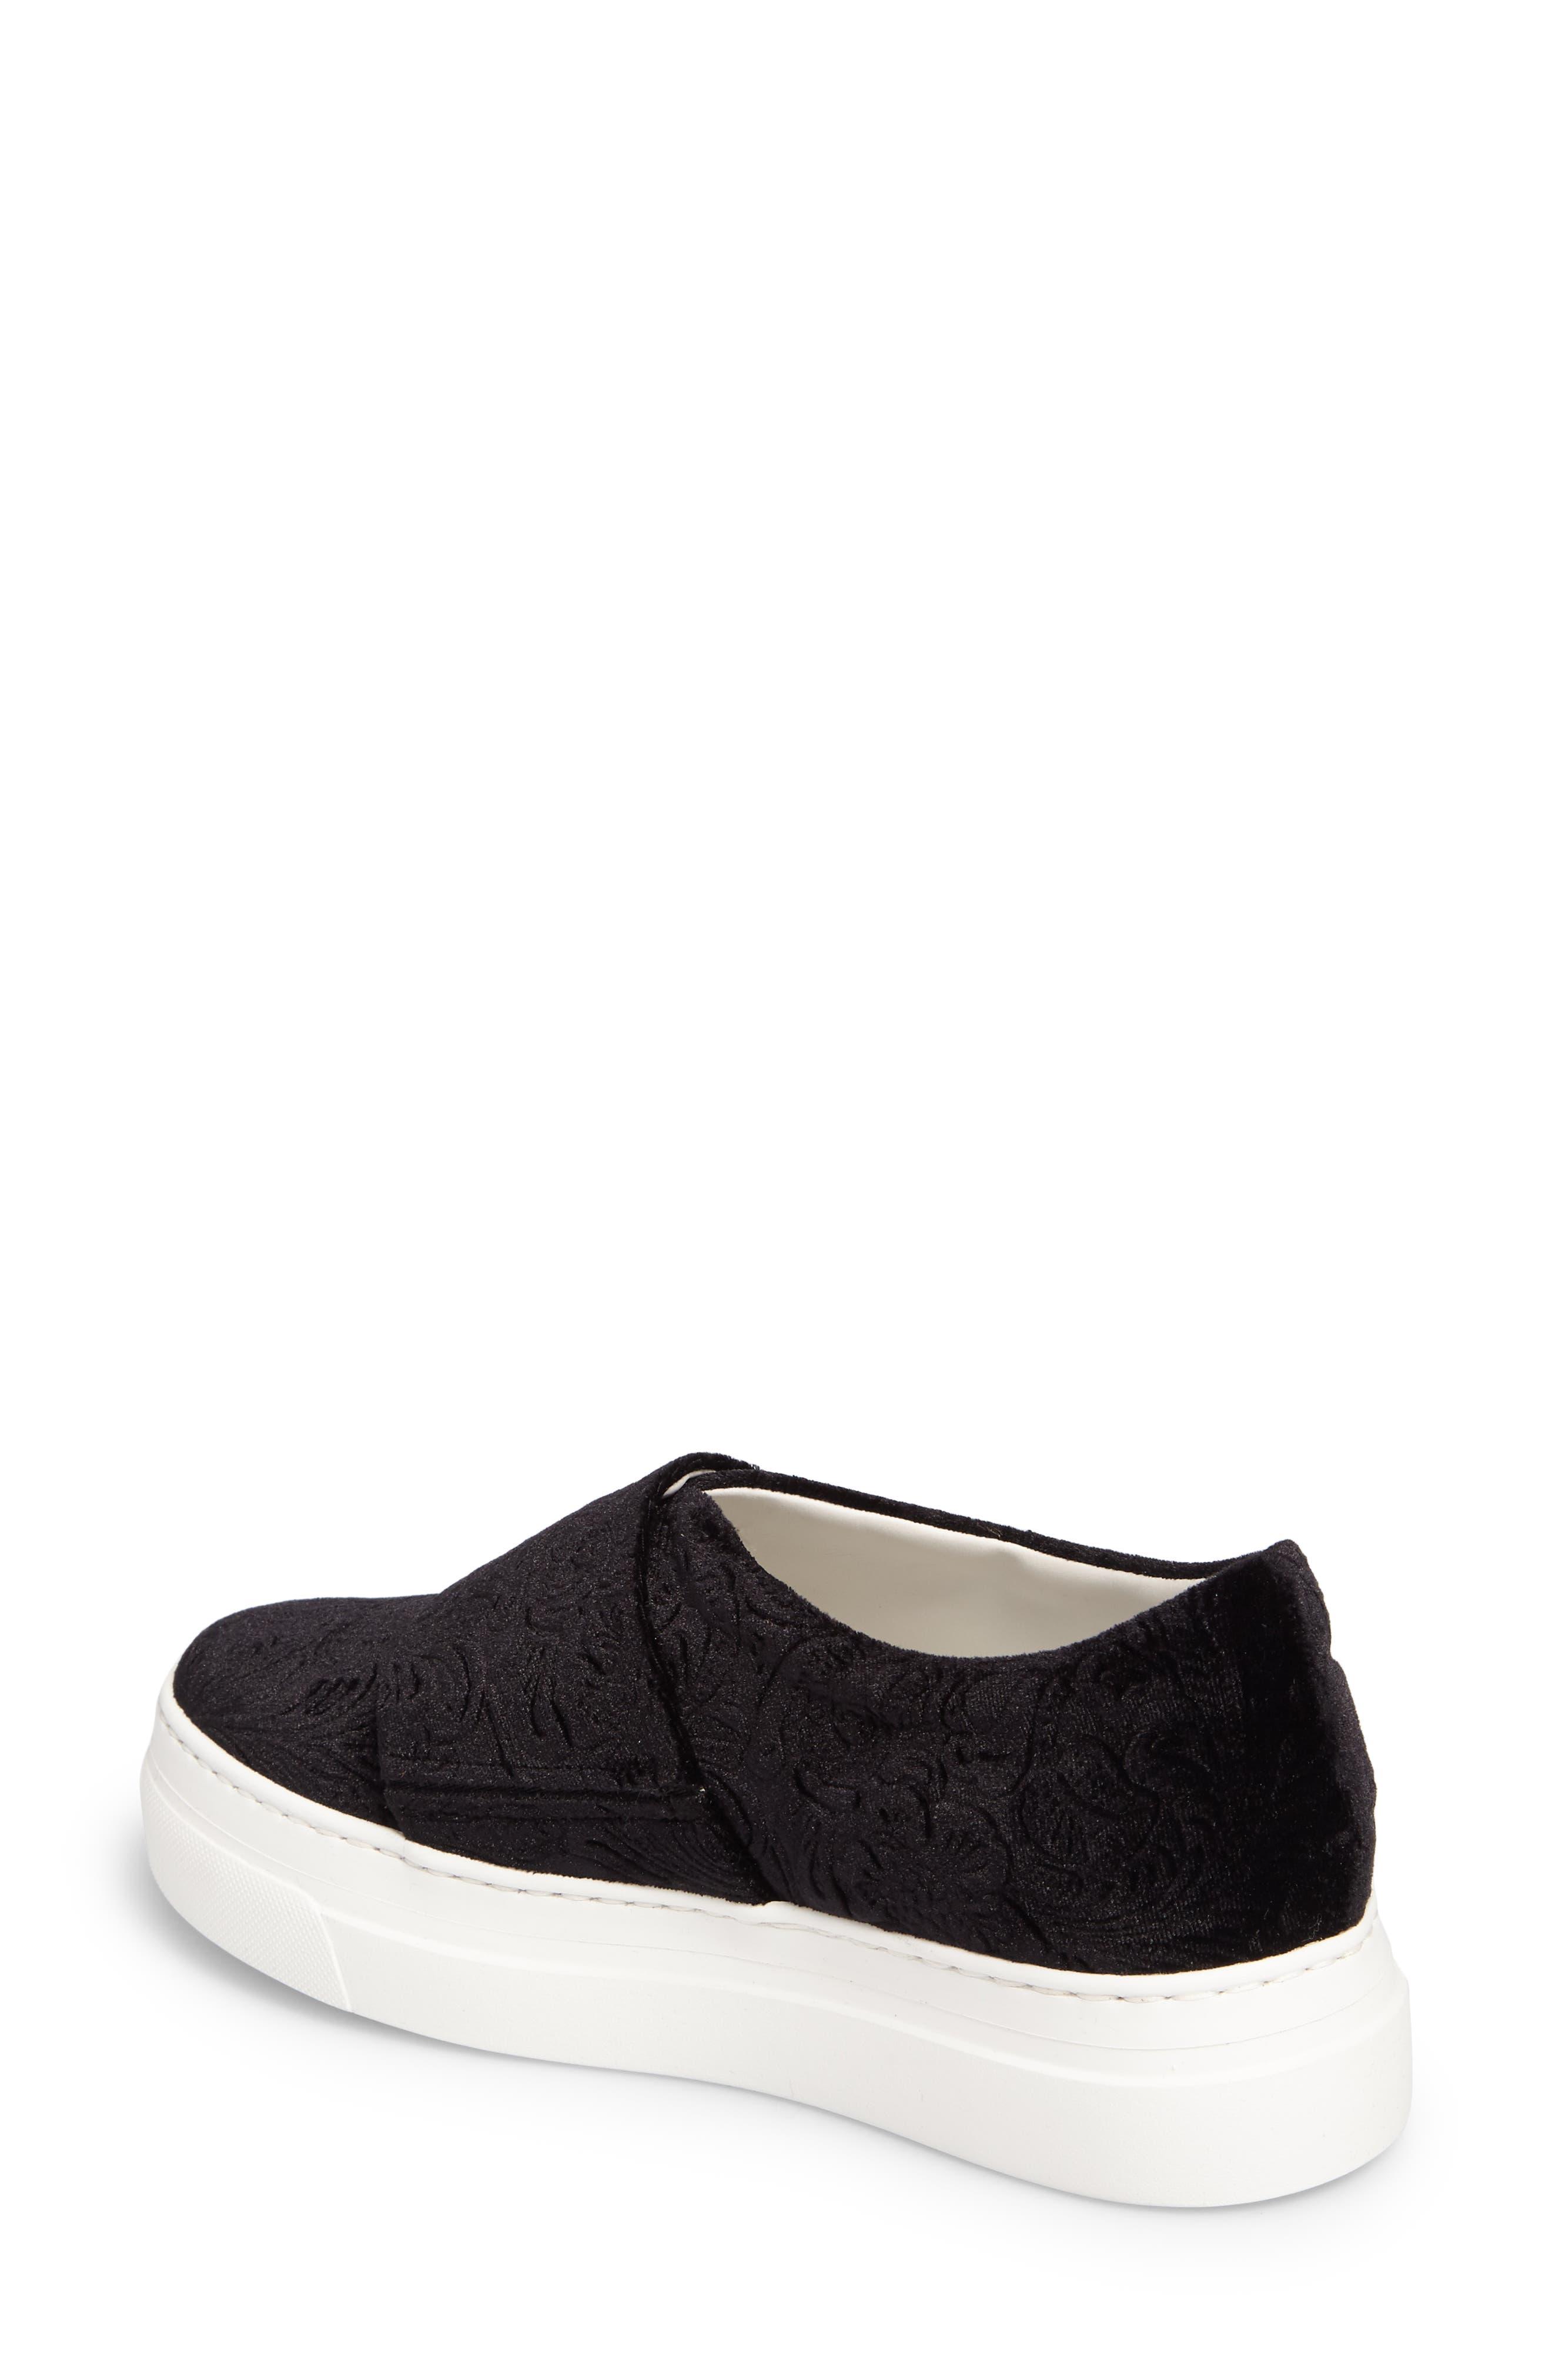 Arlo Slip-On Platform Sneaker,                             Alternate thumbnail 2, color,                             Black Embossed Velvet